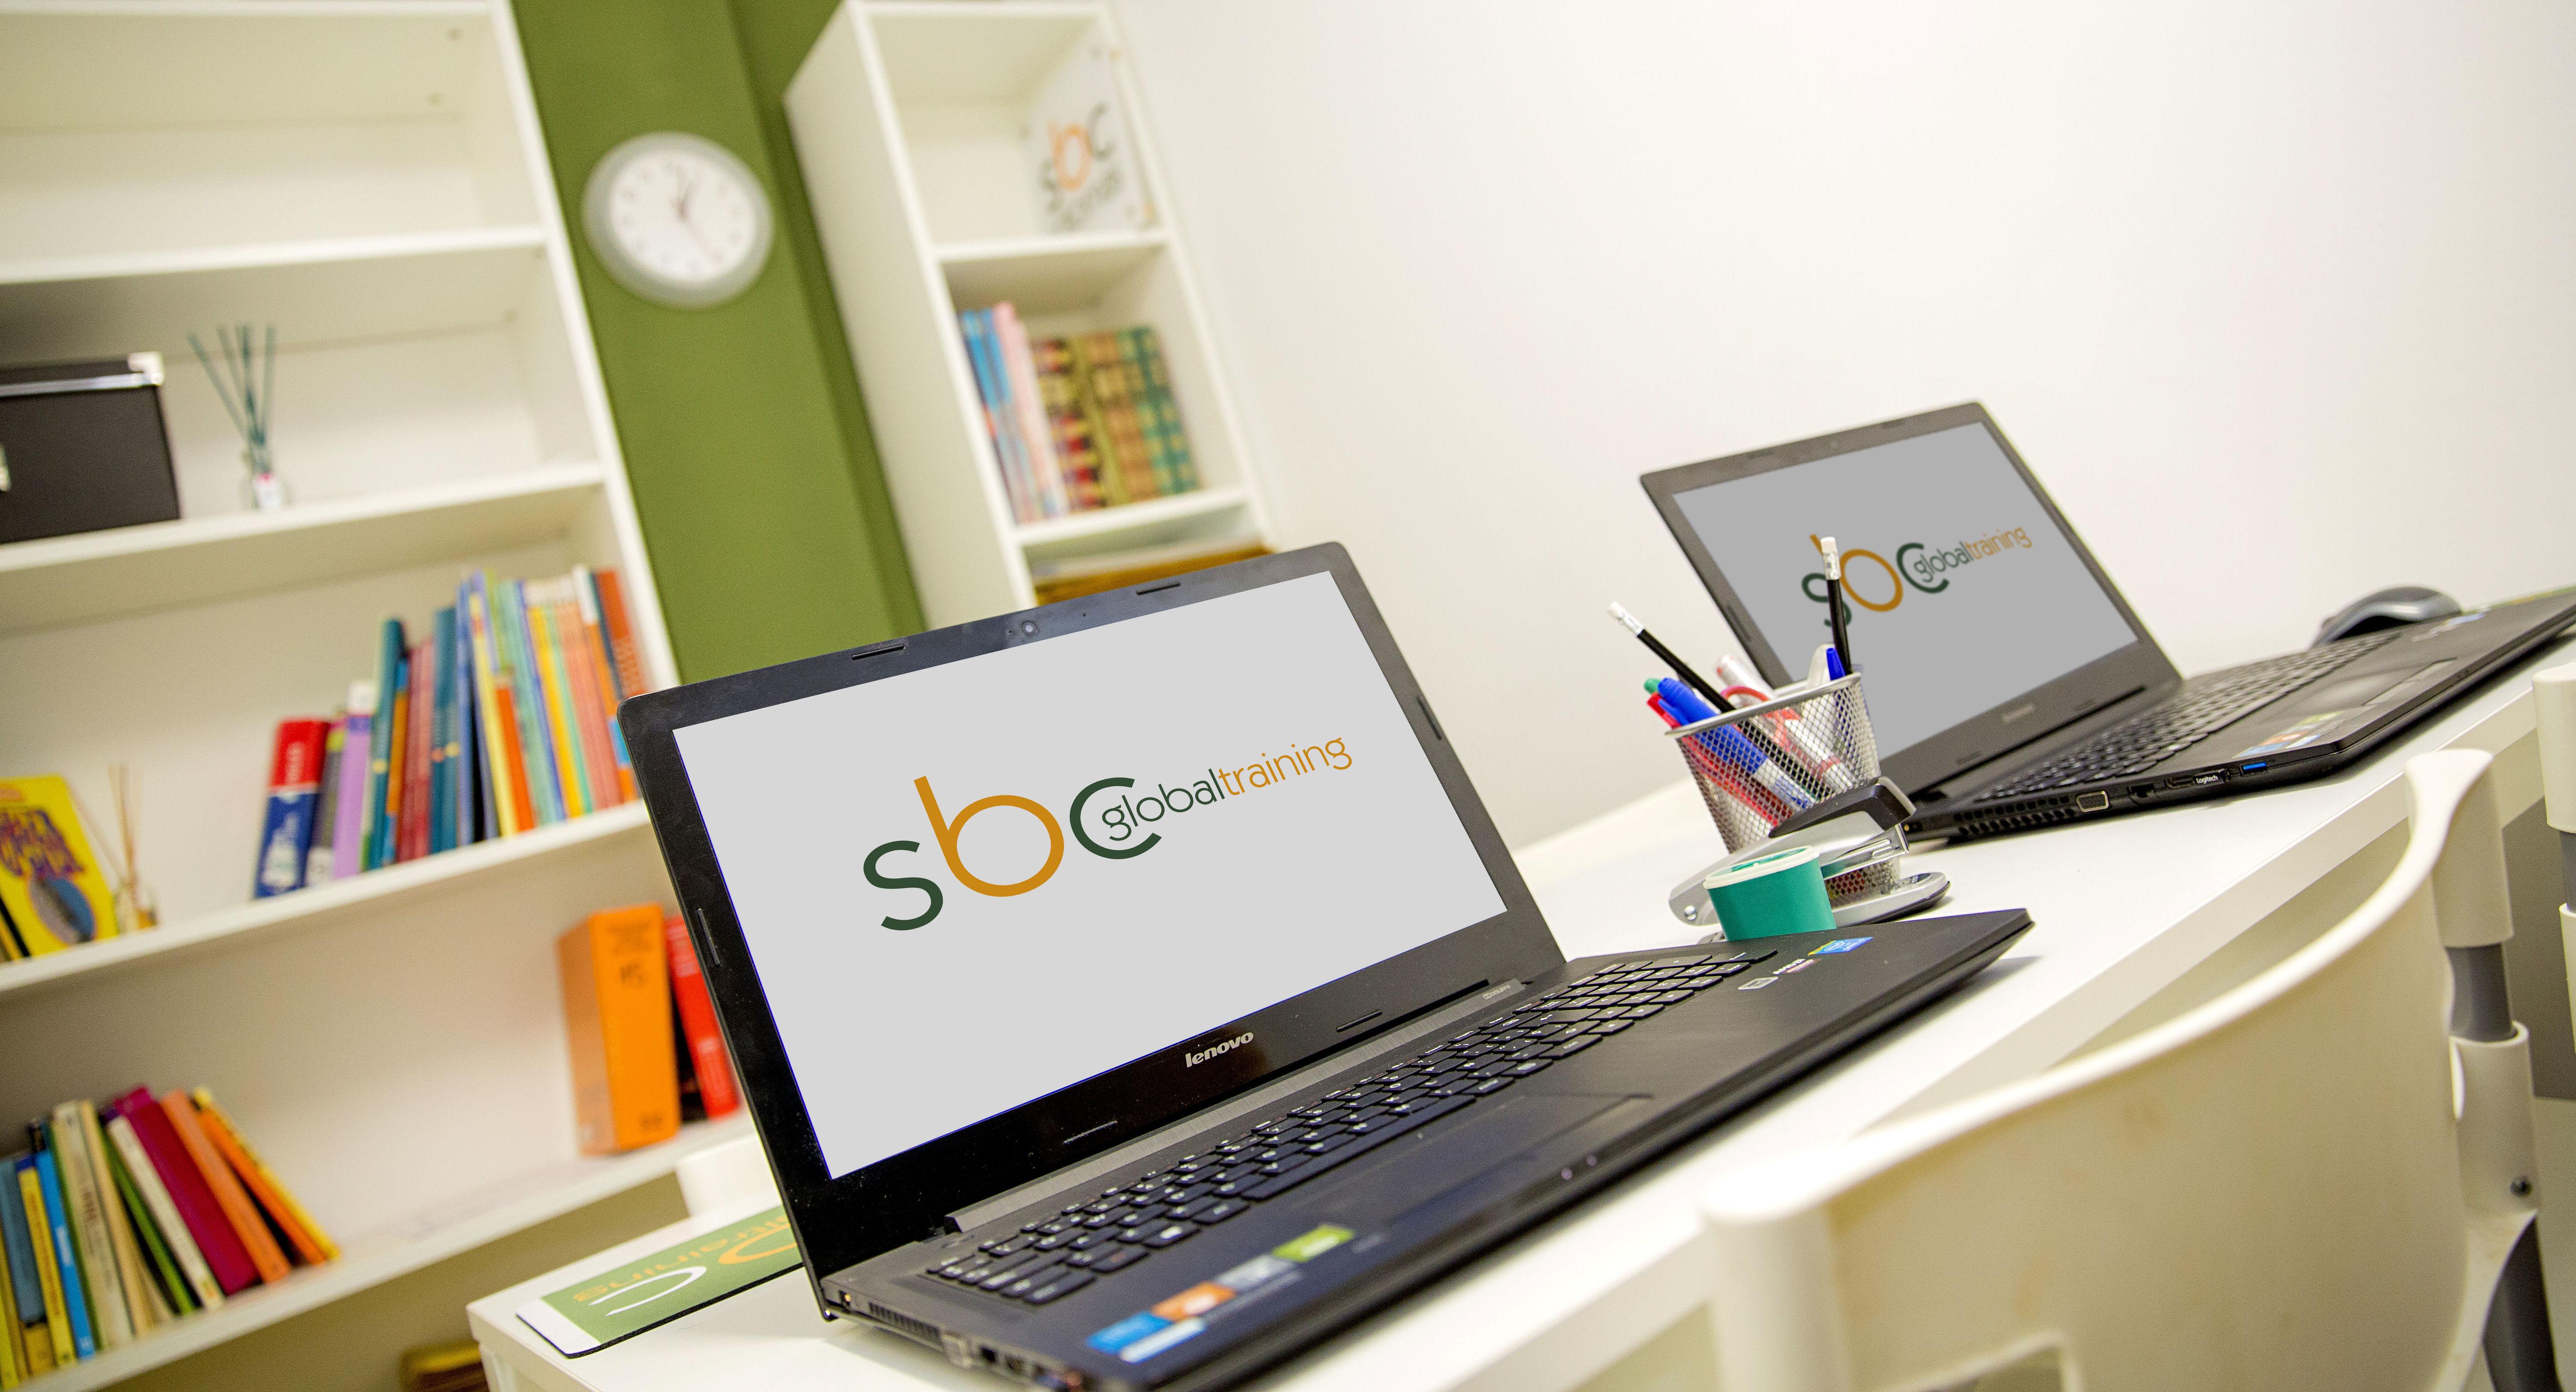 Foto 17 de Academia de idiomas en La Coruña | SBC Global Training